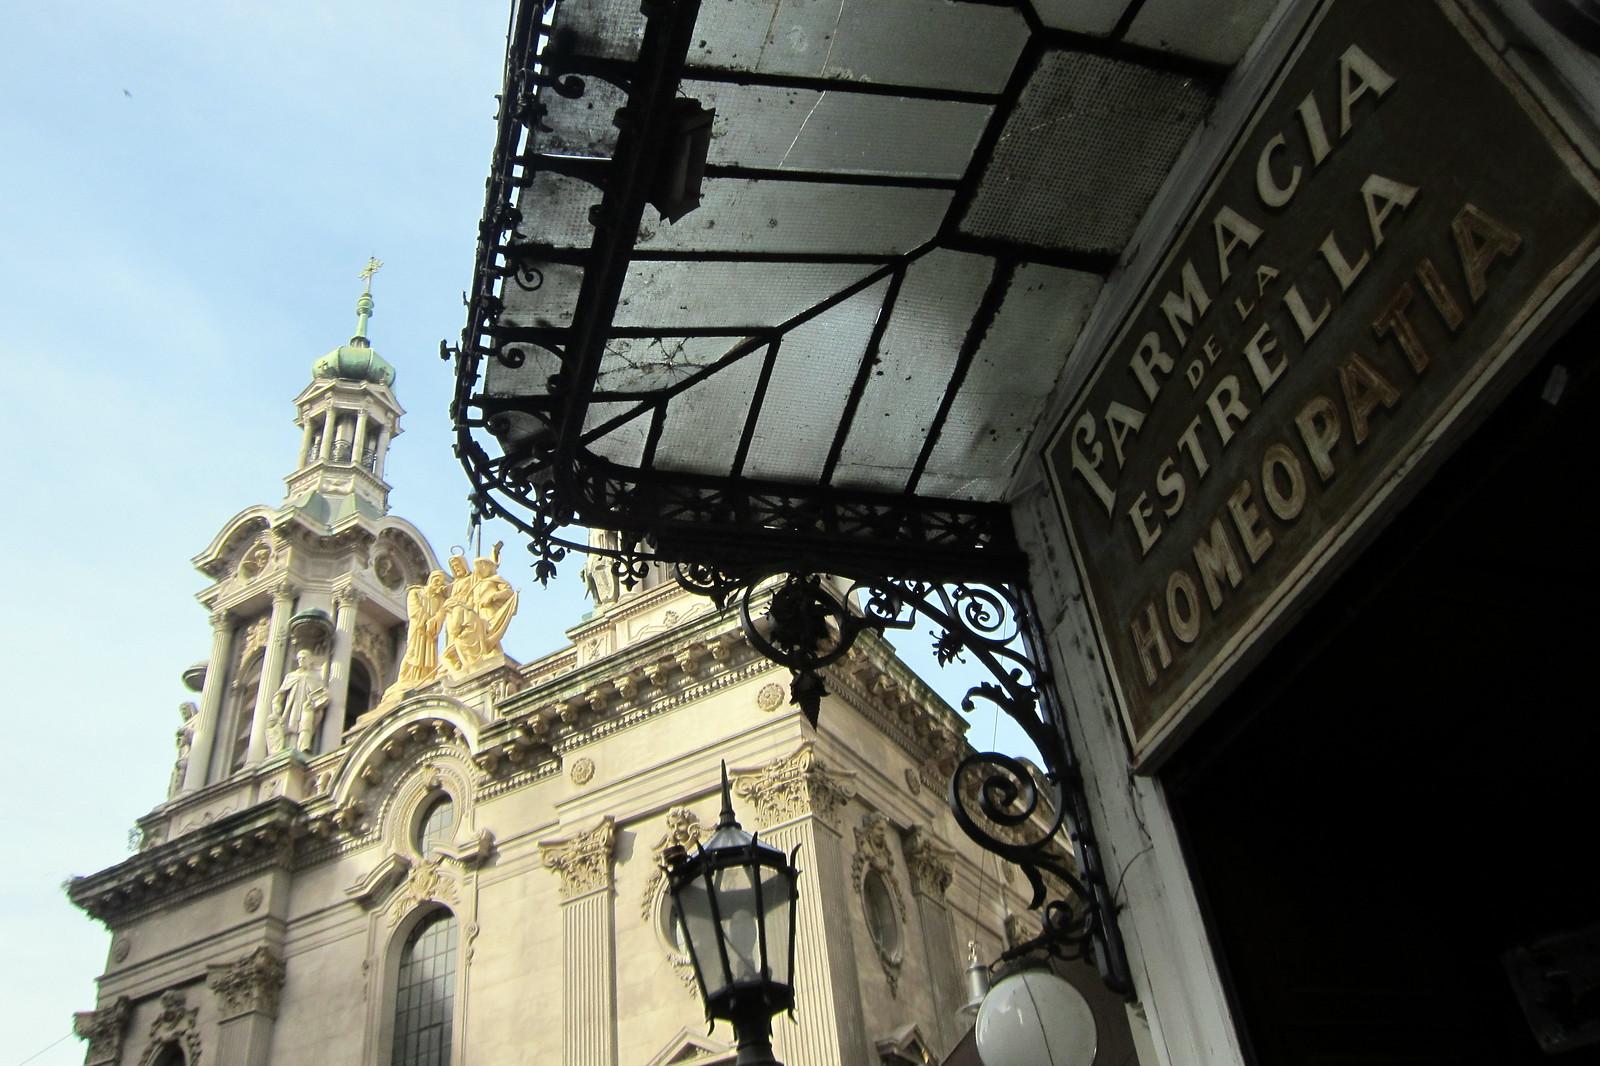 Buenos Aires - Monserrat: Farmacia de la Estrella y Basílica de San Francisco de Asís